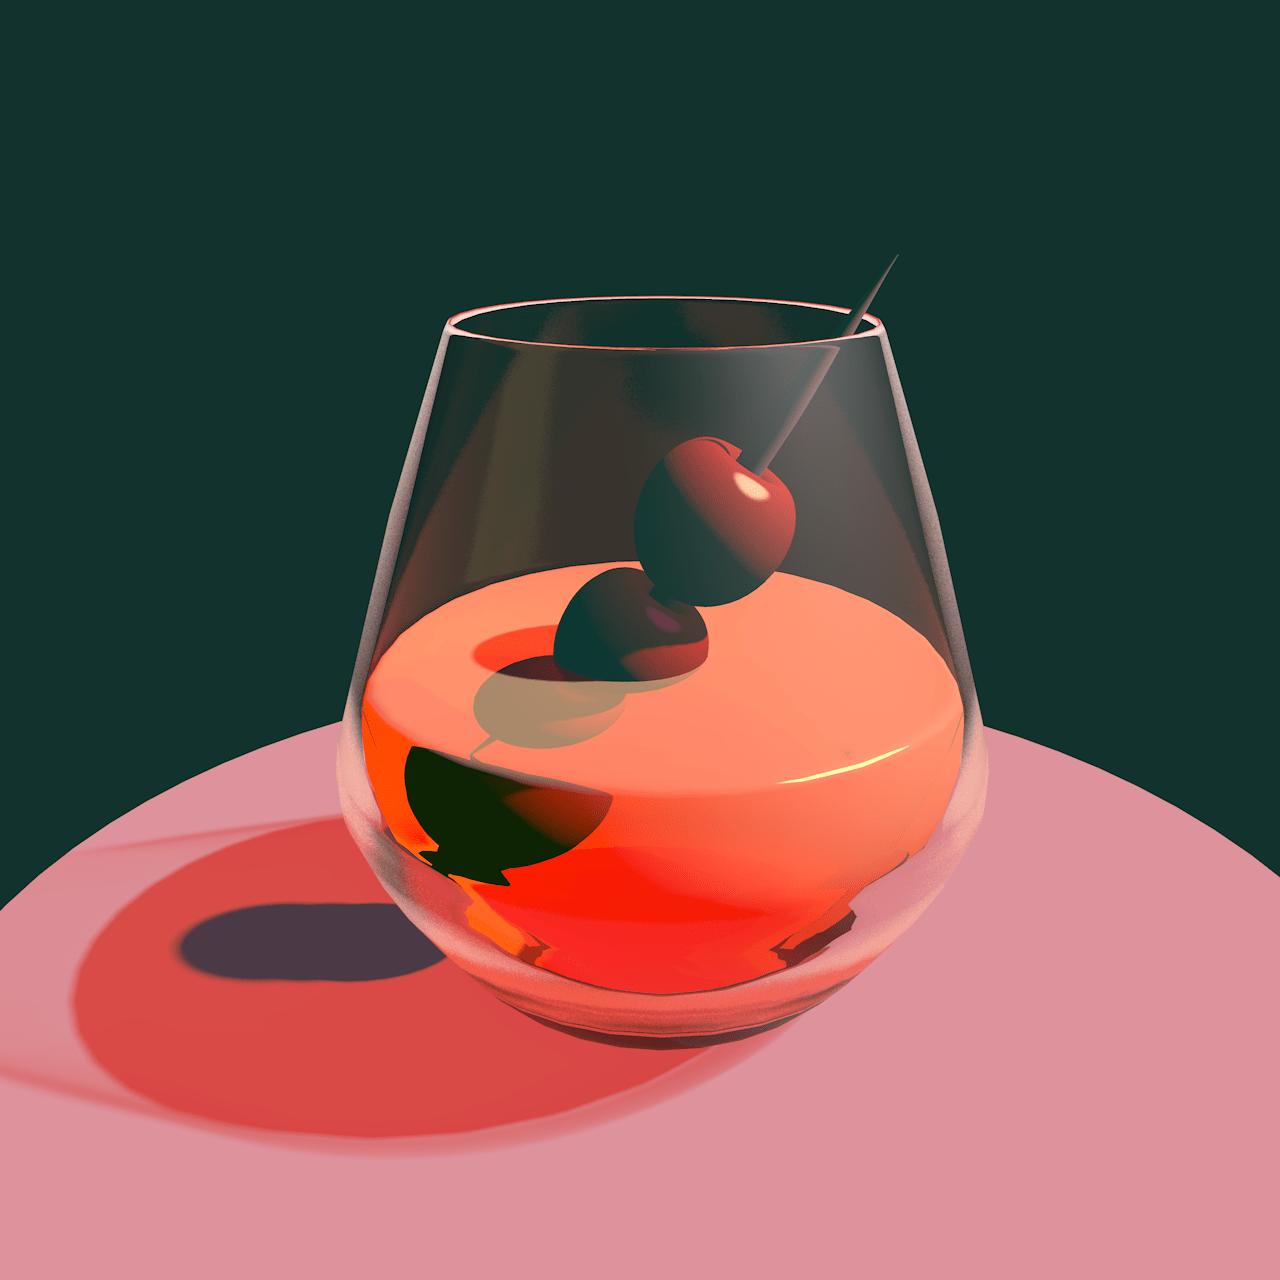 3D_Cocktail_KevinKwok-0-00-00-00